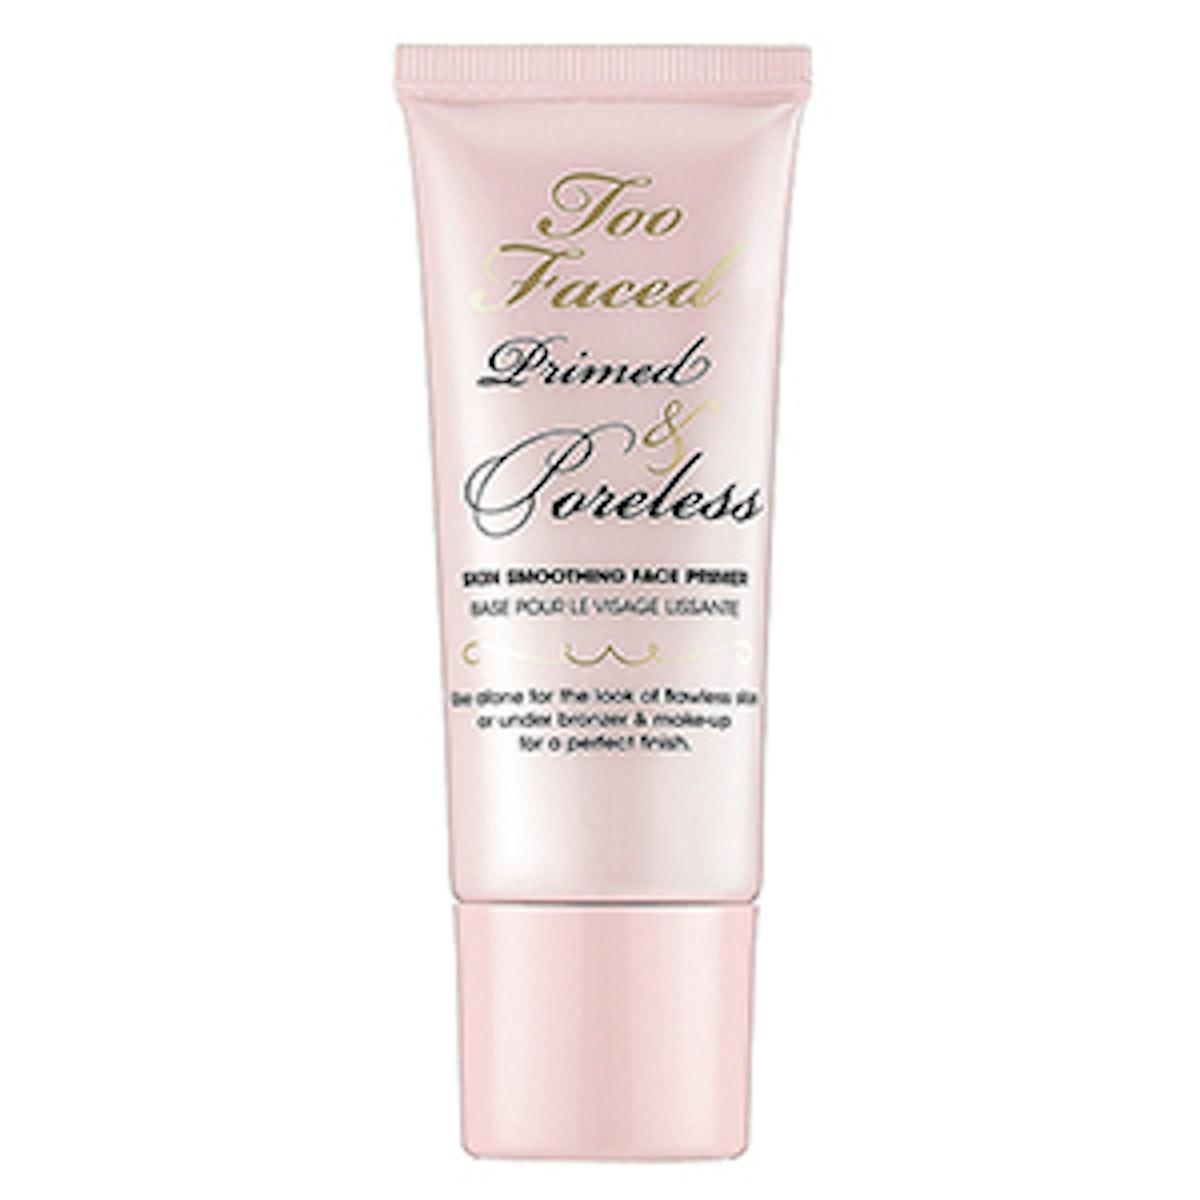 Primed & Poreless Skin Smoothing Face Primer